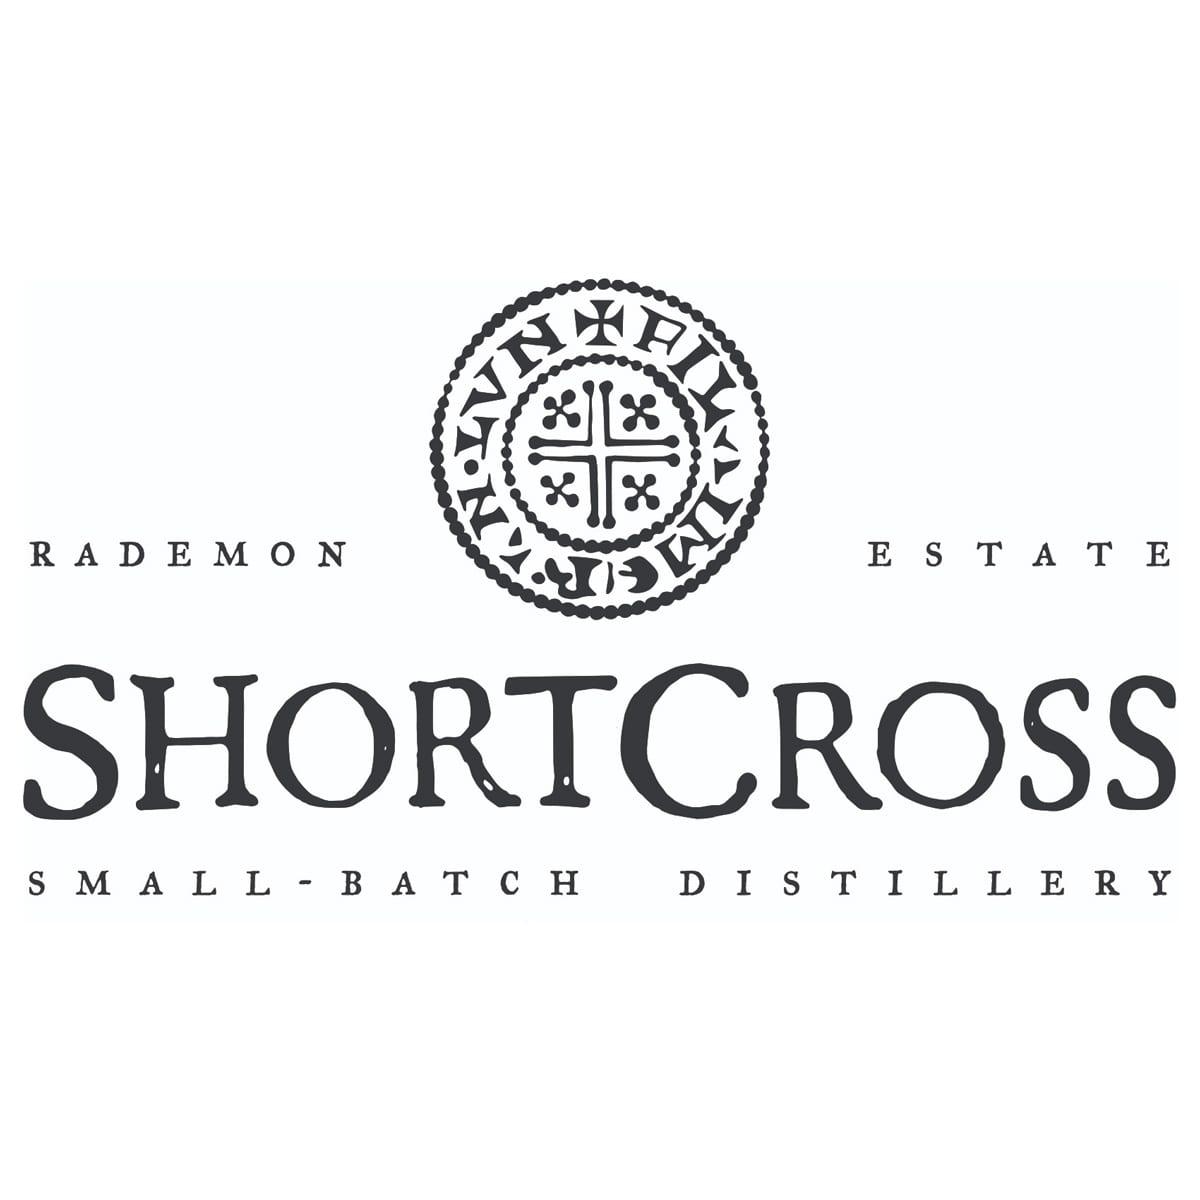 Rademon Estate Distillery